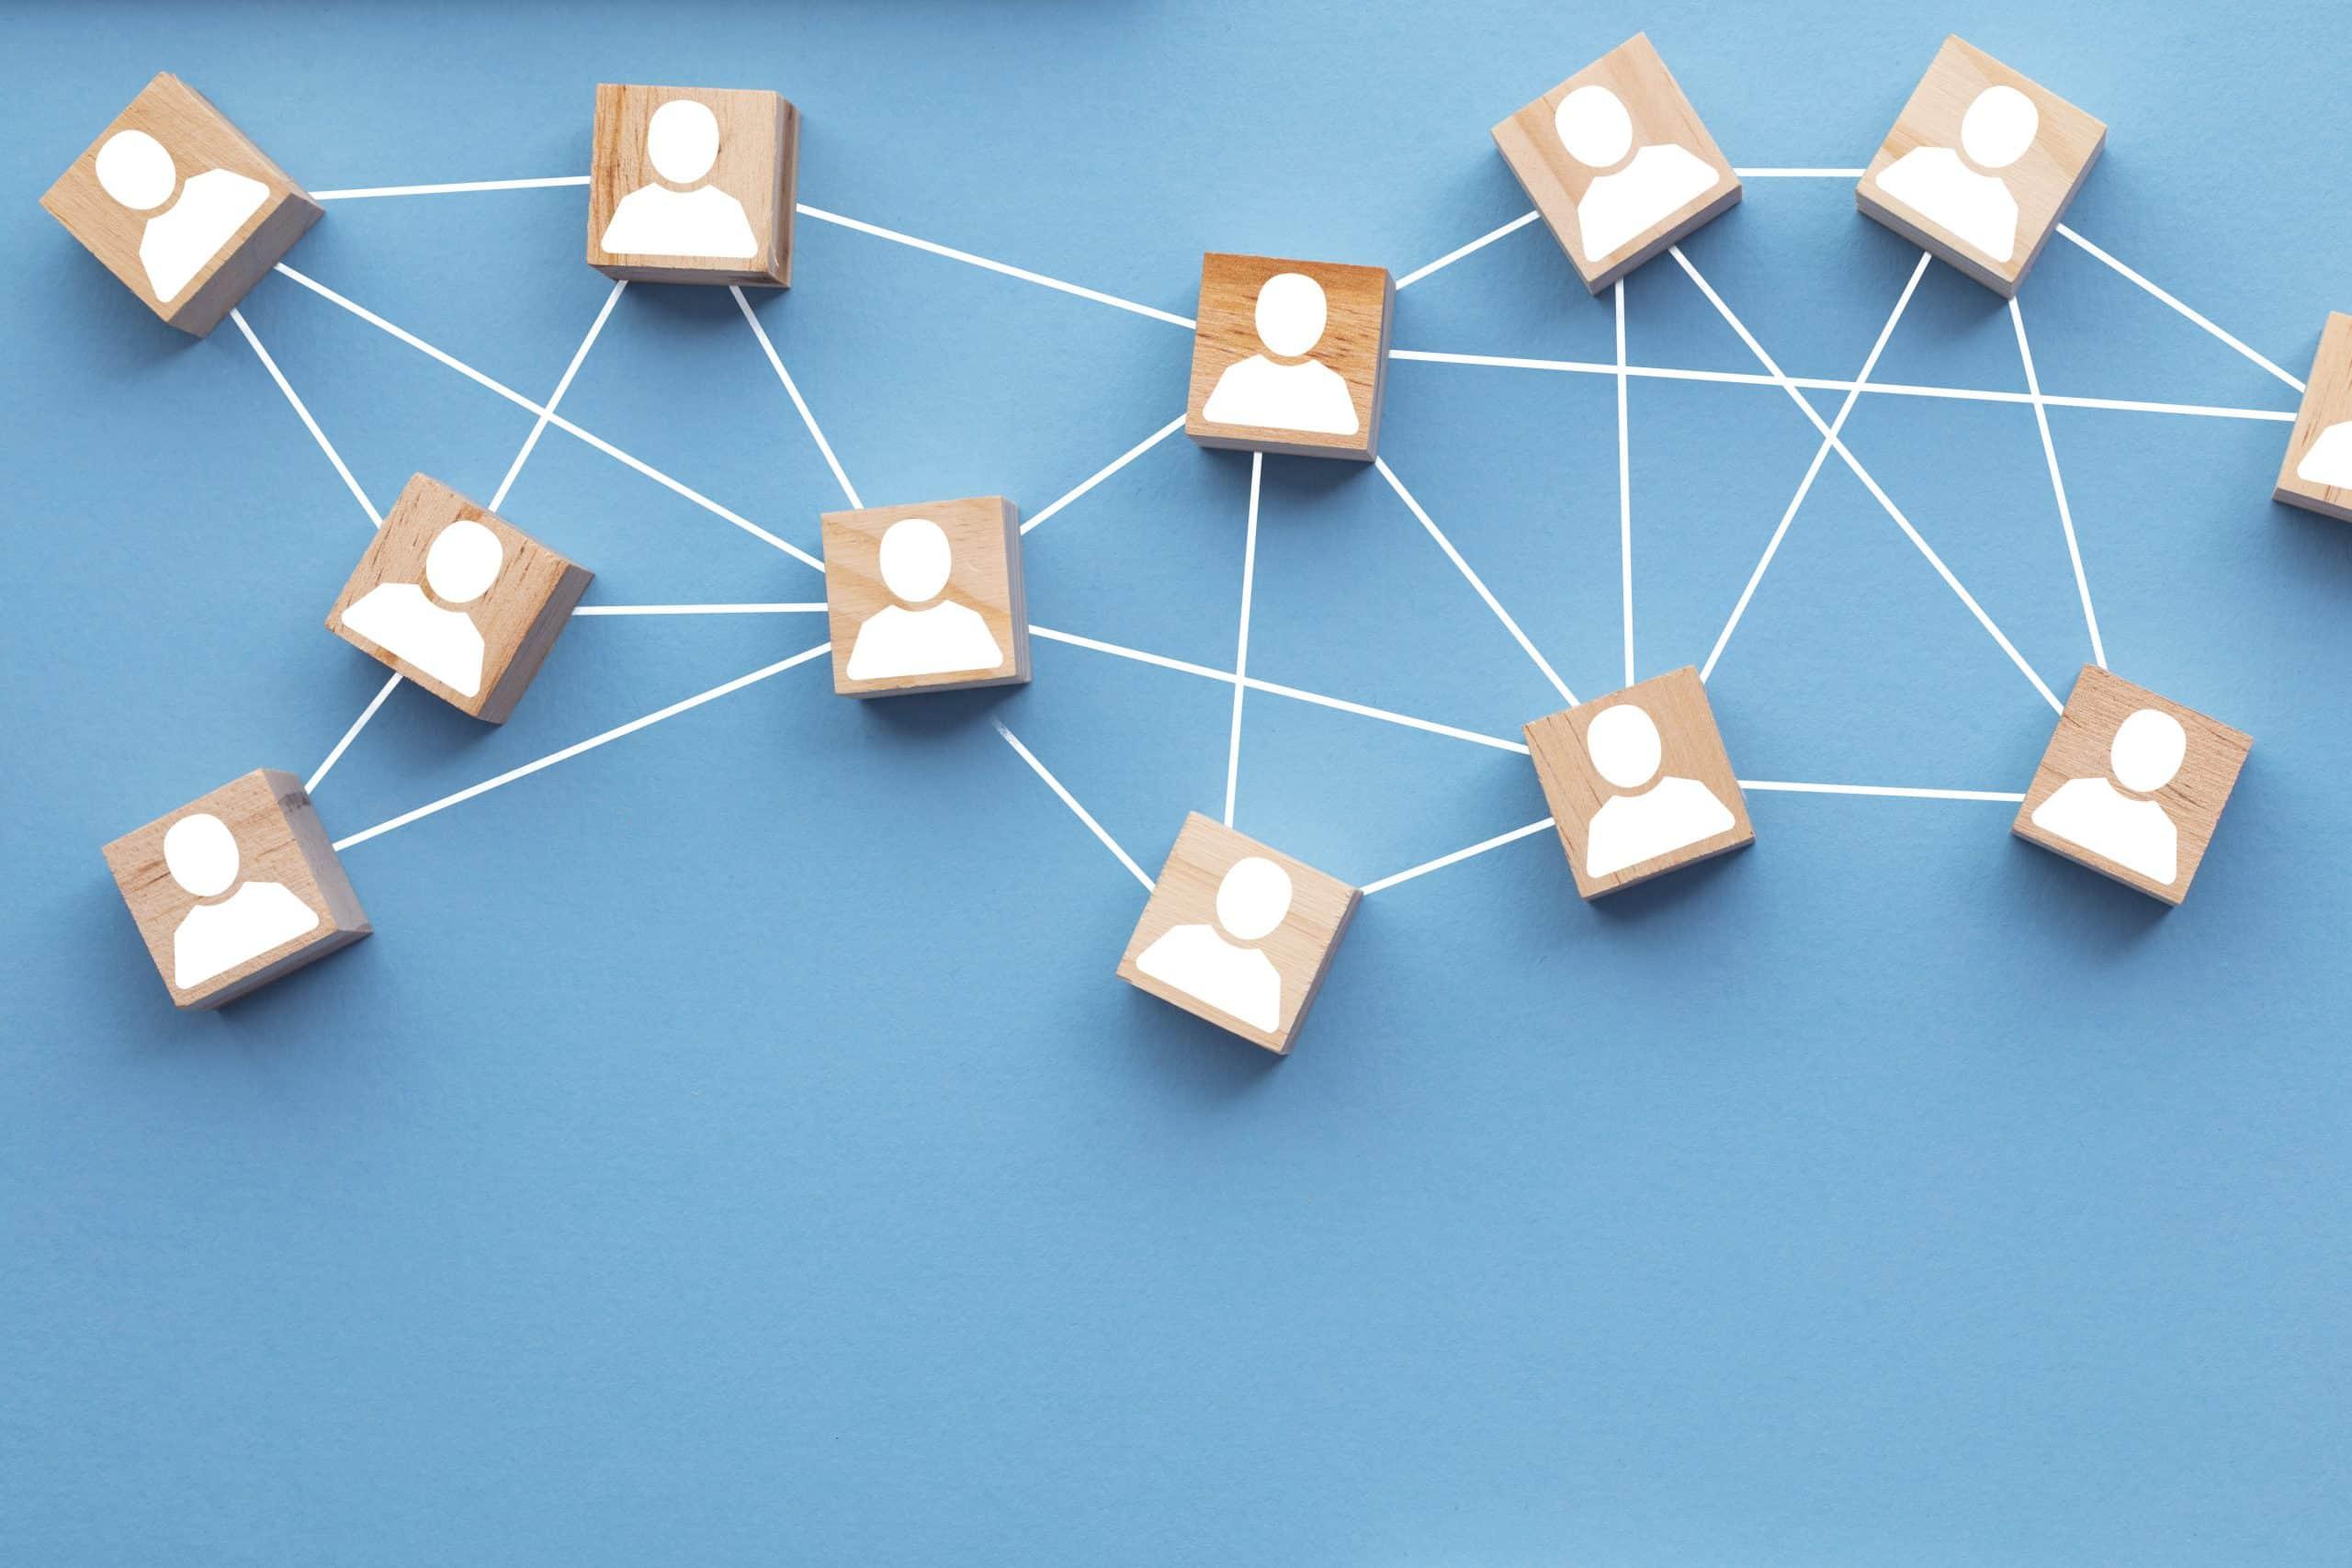 Blocs de bois connectés entre eux sur lesquels figurent des visages concept du travail d'équipe interconnecté